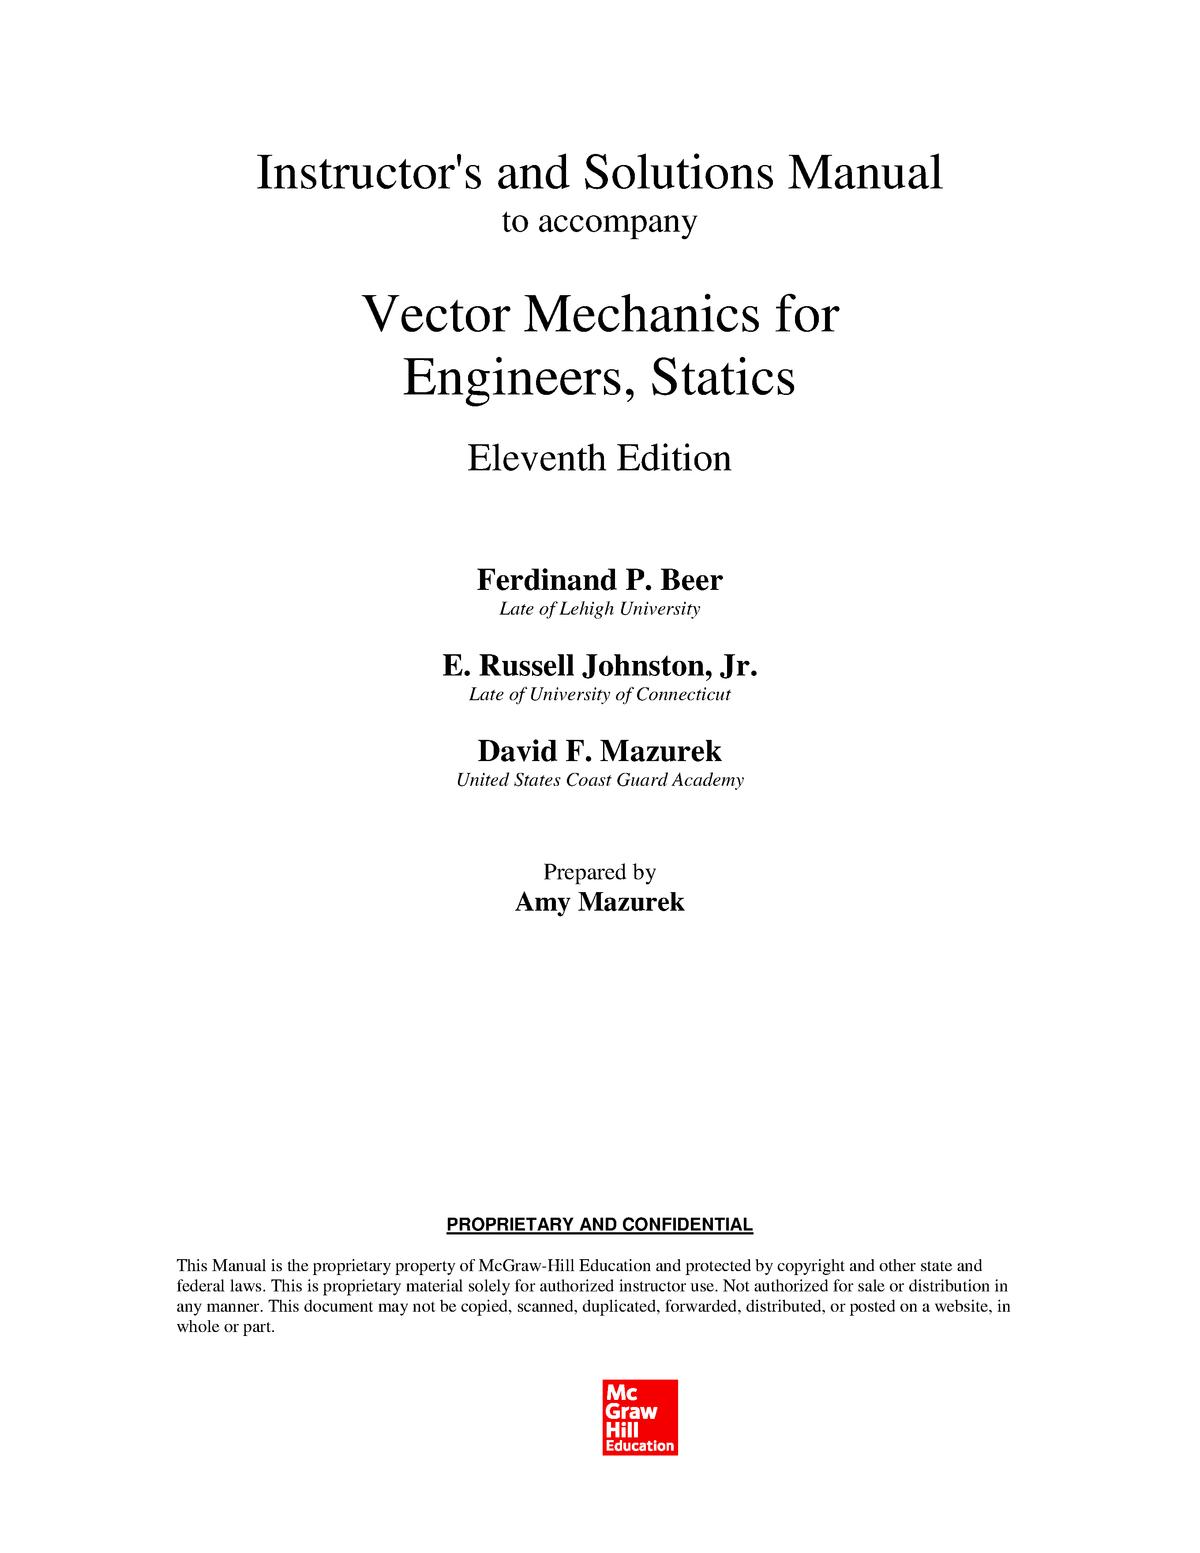 Solution Manual) Ferdinand P  Beer, E  Russell Johnston, Jr